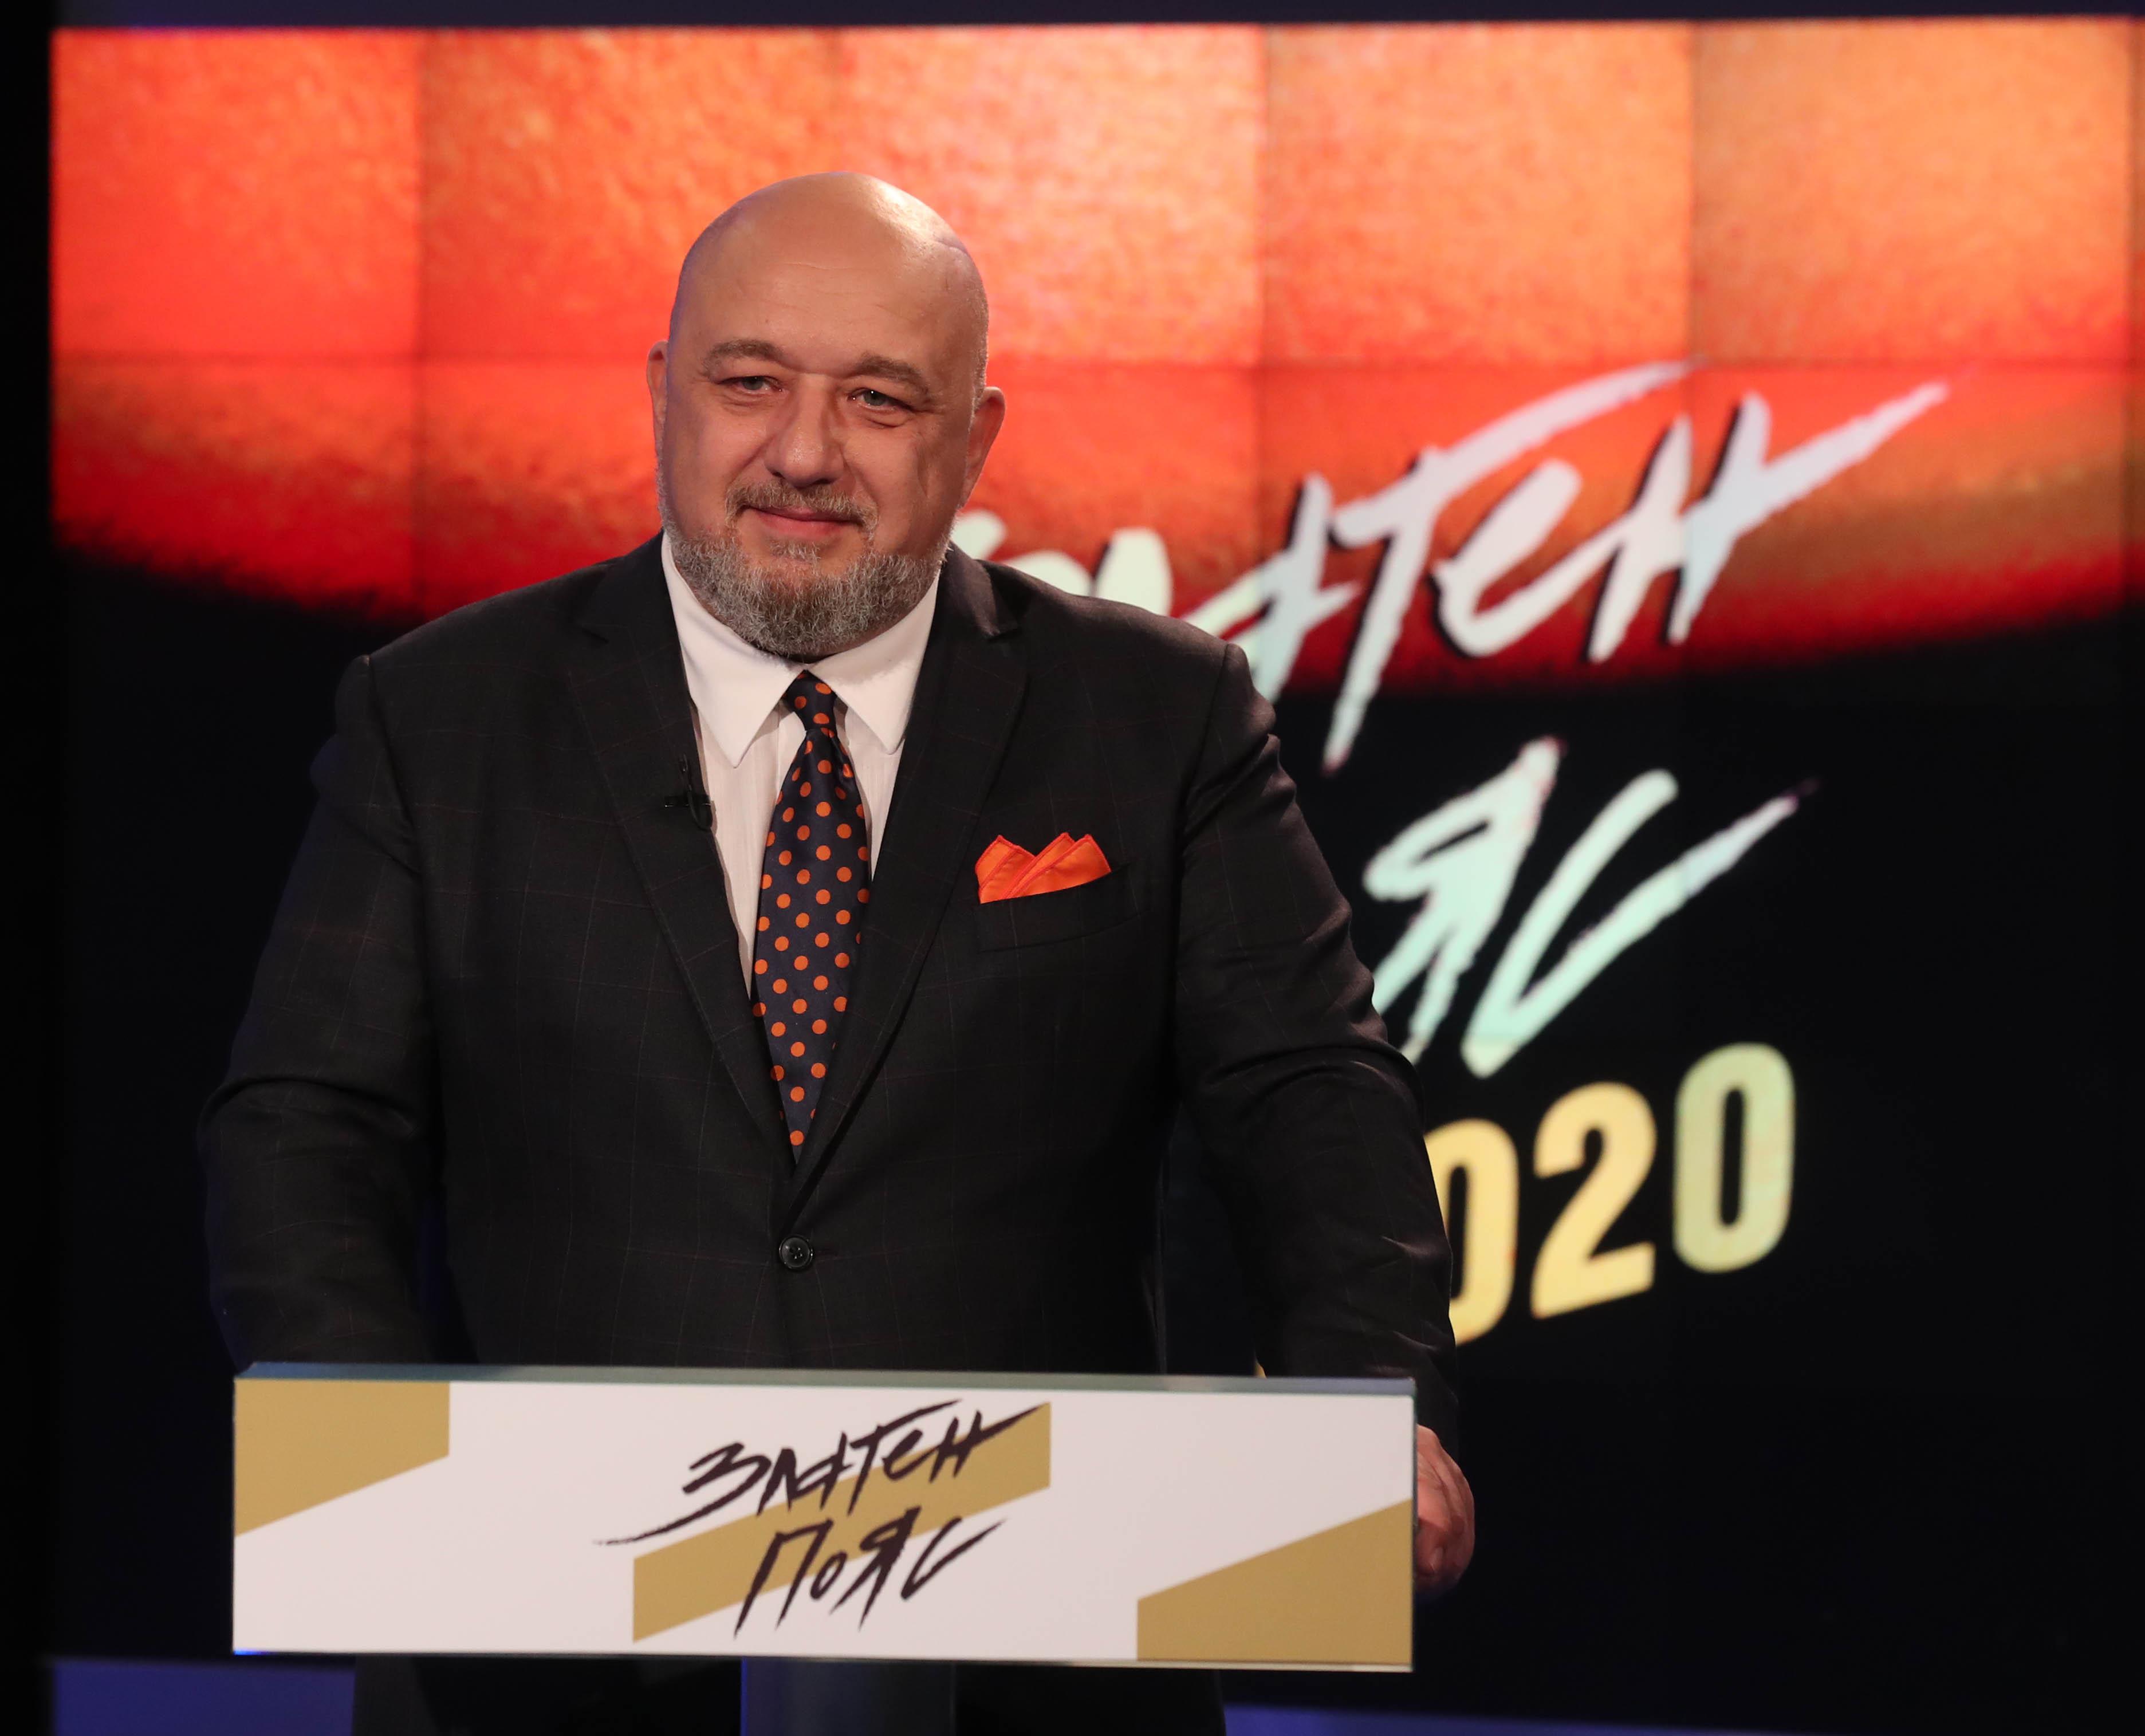 """Красен Кралев на """"Златен пояс 2020"""": Оптимист съм, че скоро ще излезем от тежката пандемия"""